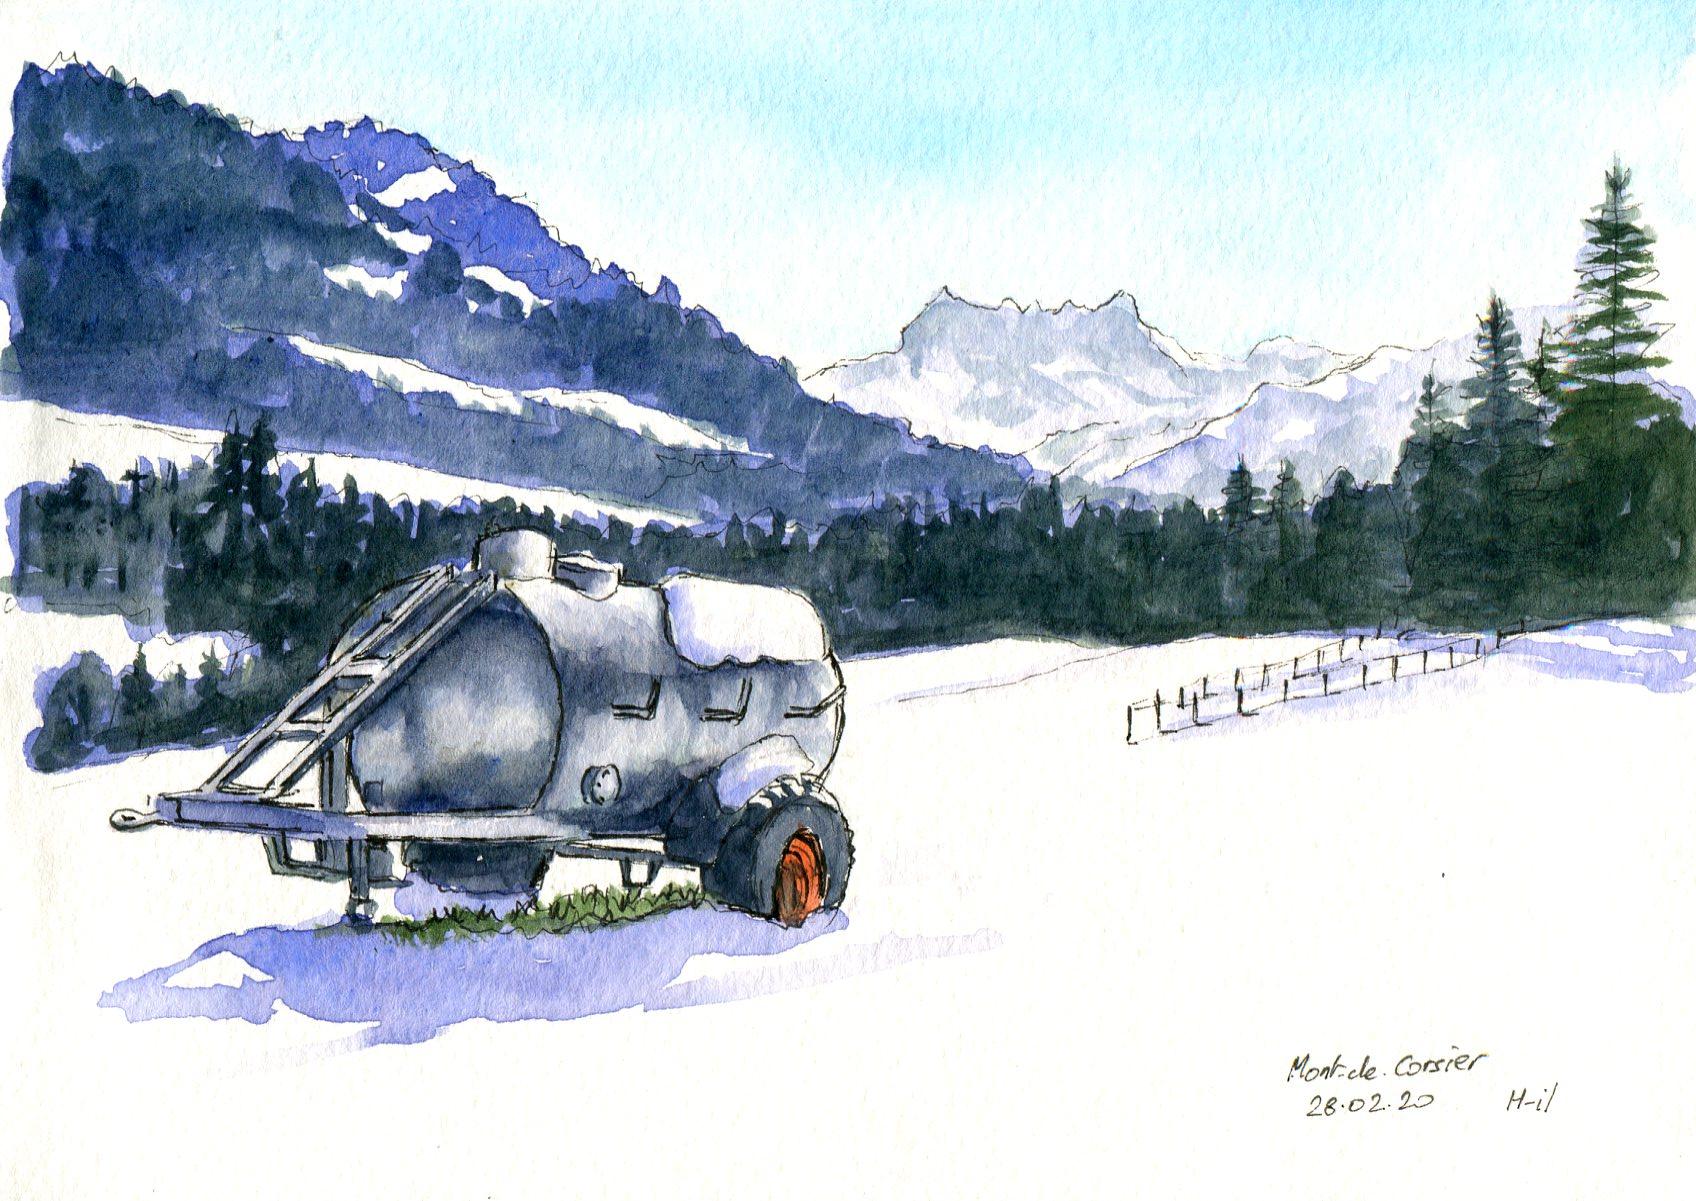 Bossette Monts de Corsier121